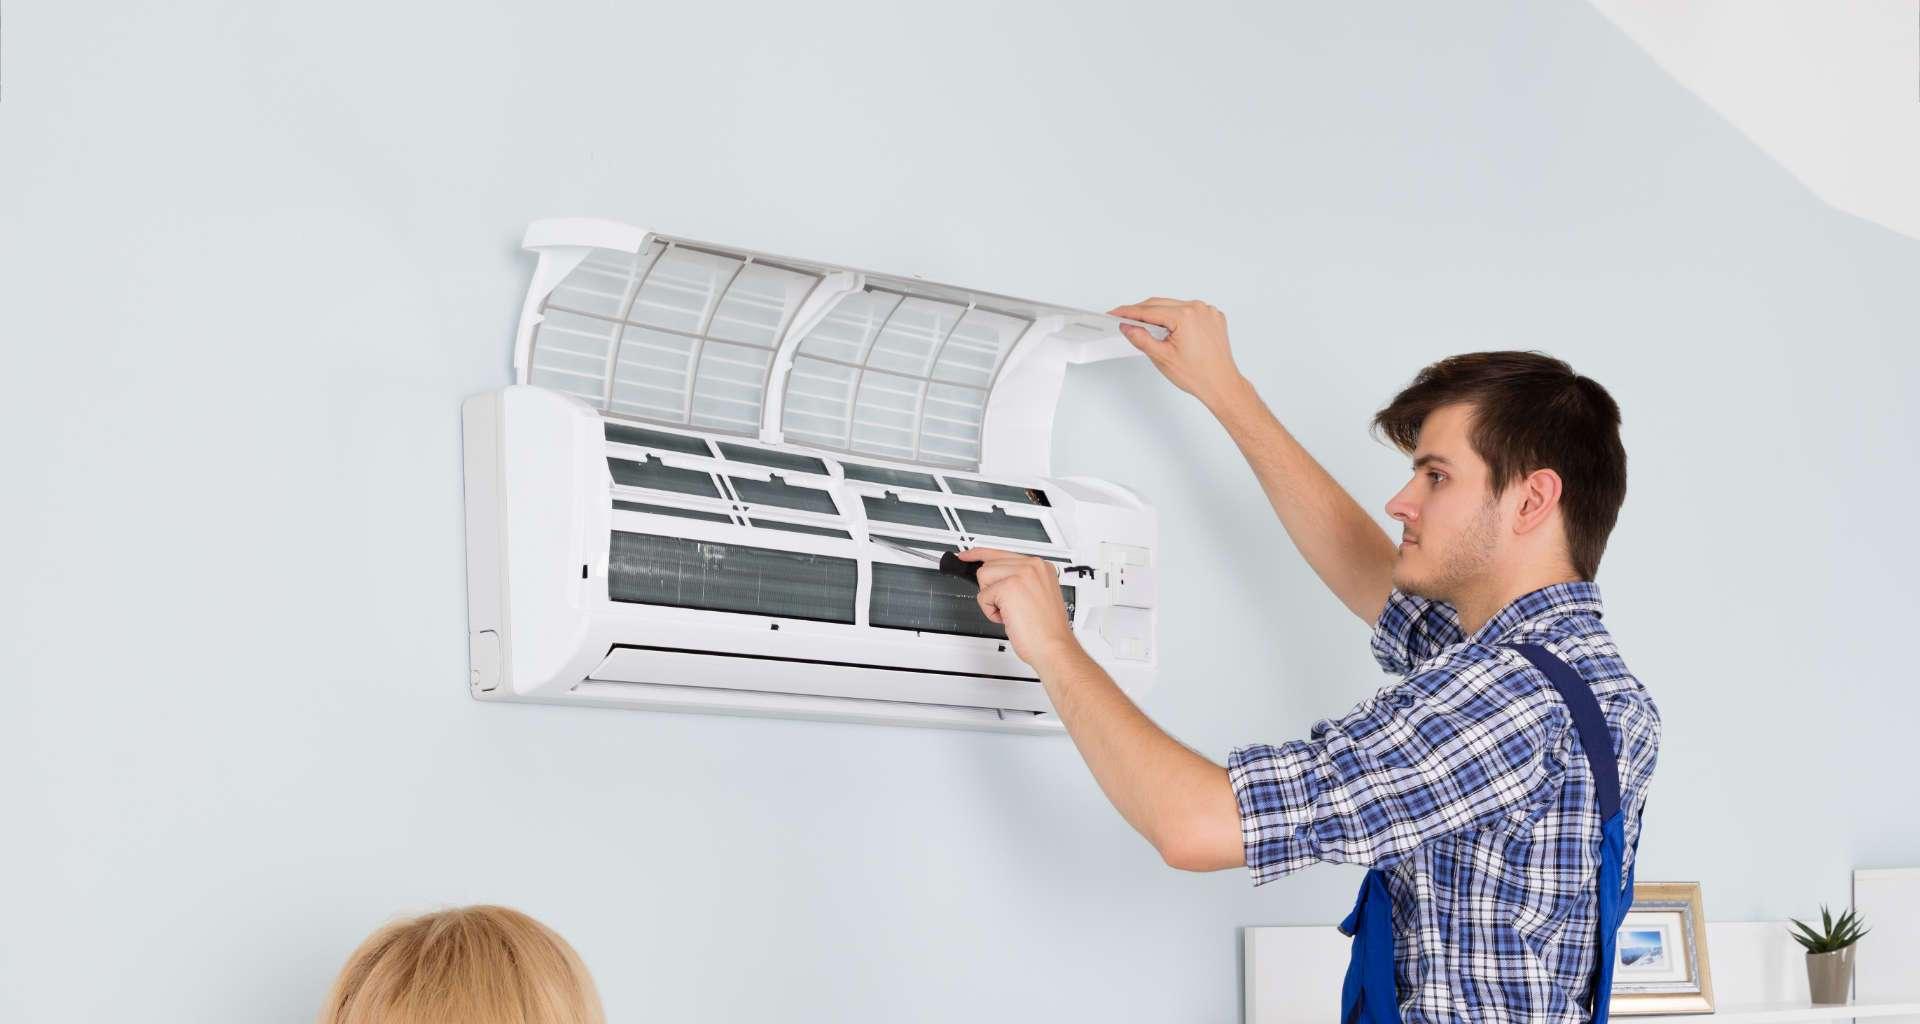 Potrebujete montažo klime? Pomagali vam bomo najti pravega monterja za vašo klimatsko napravo